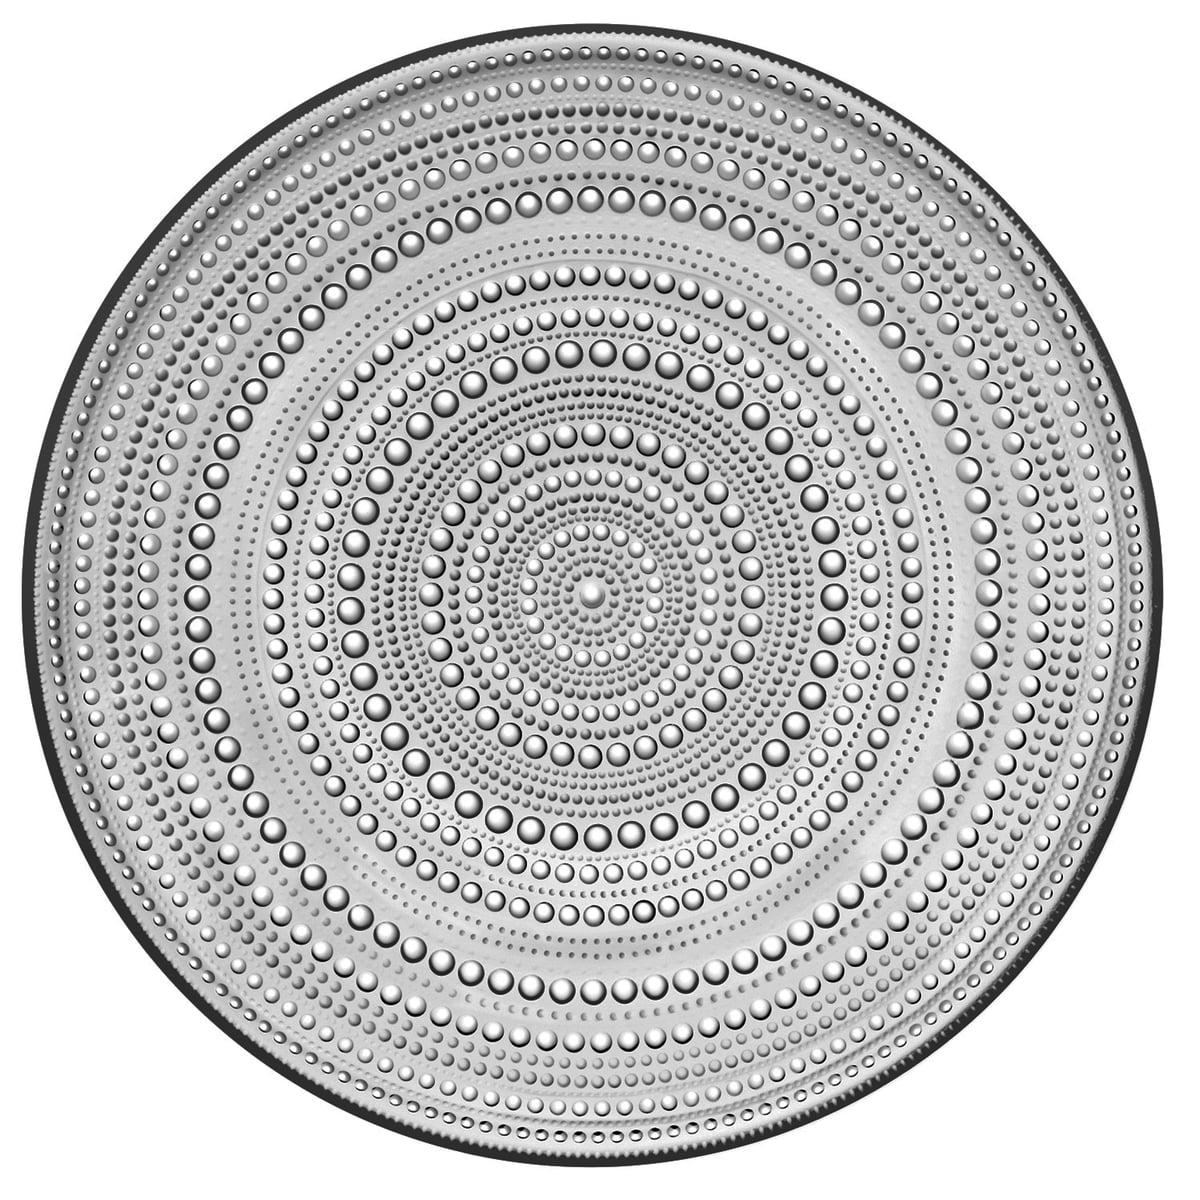 Iittala - Kastehelmi Teller Ø 31,5 cm, grau | Küche und Esszimmer > Besteck und Geschirr | Grau | Iittala